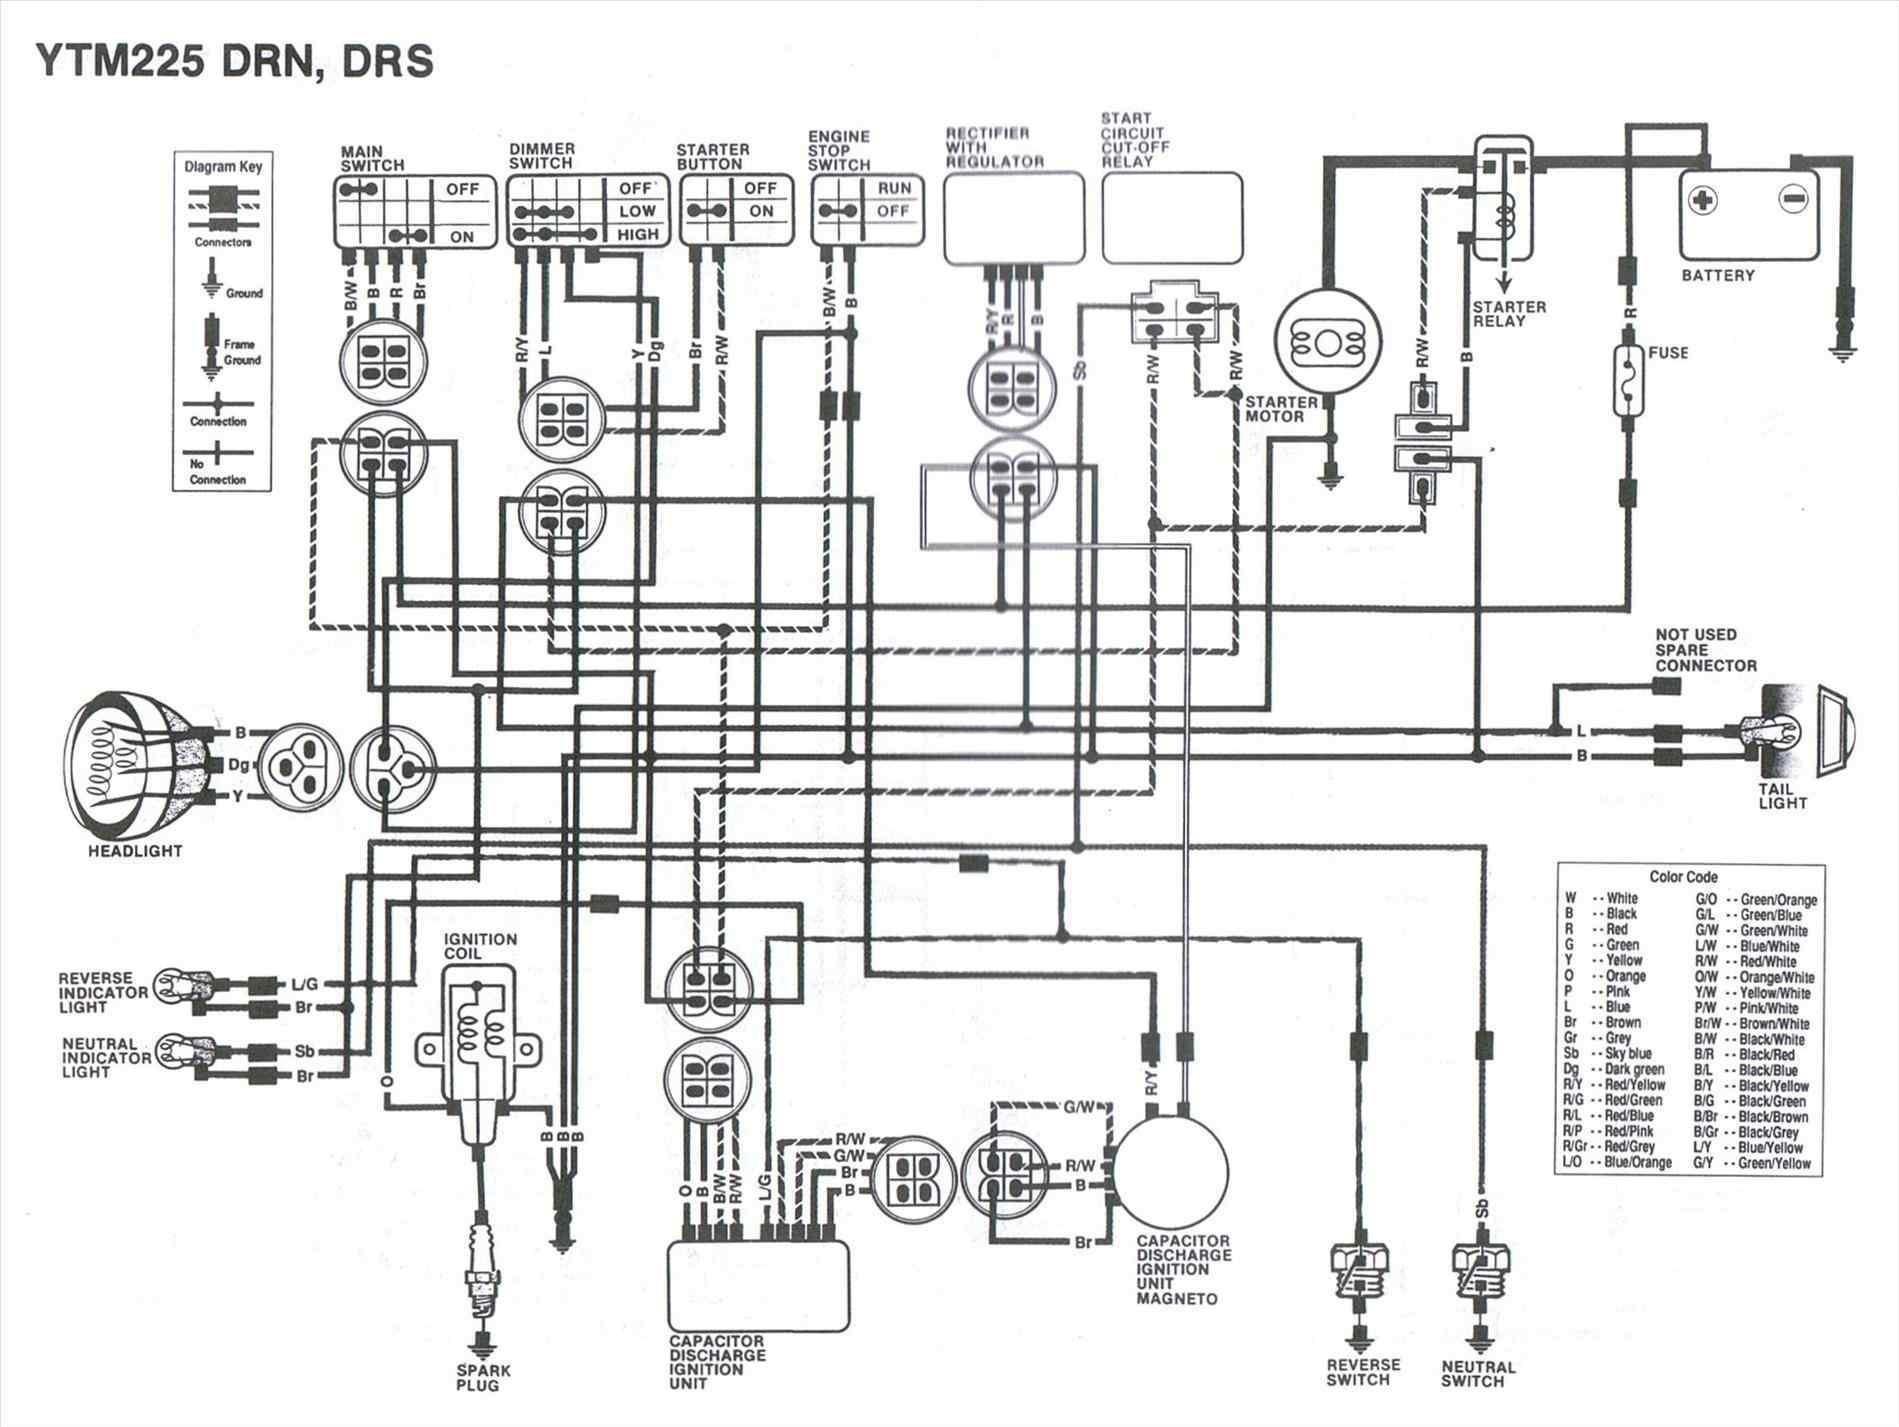 Big Dog Wiring Schematic Diagram On Big Dog Motorcycle Wiring ...  Big Dog Bulldog Wiring Diagram on big dog efi diagram, big dog wiring battery, big dog chopper wiring diagram simple,